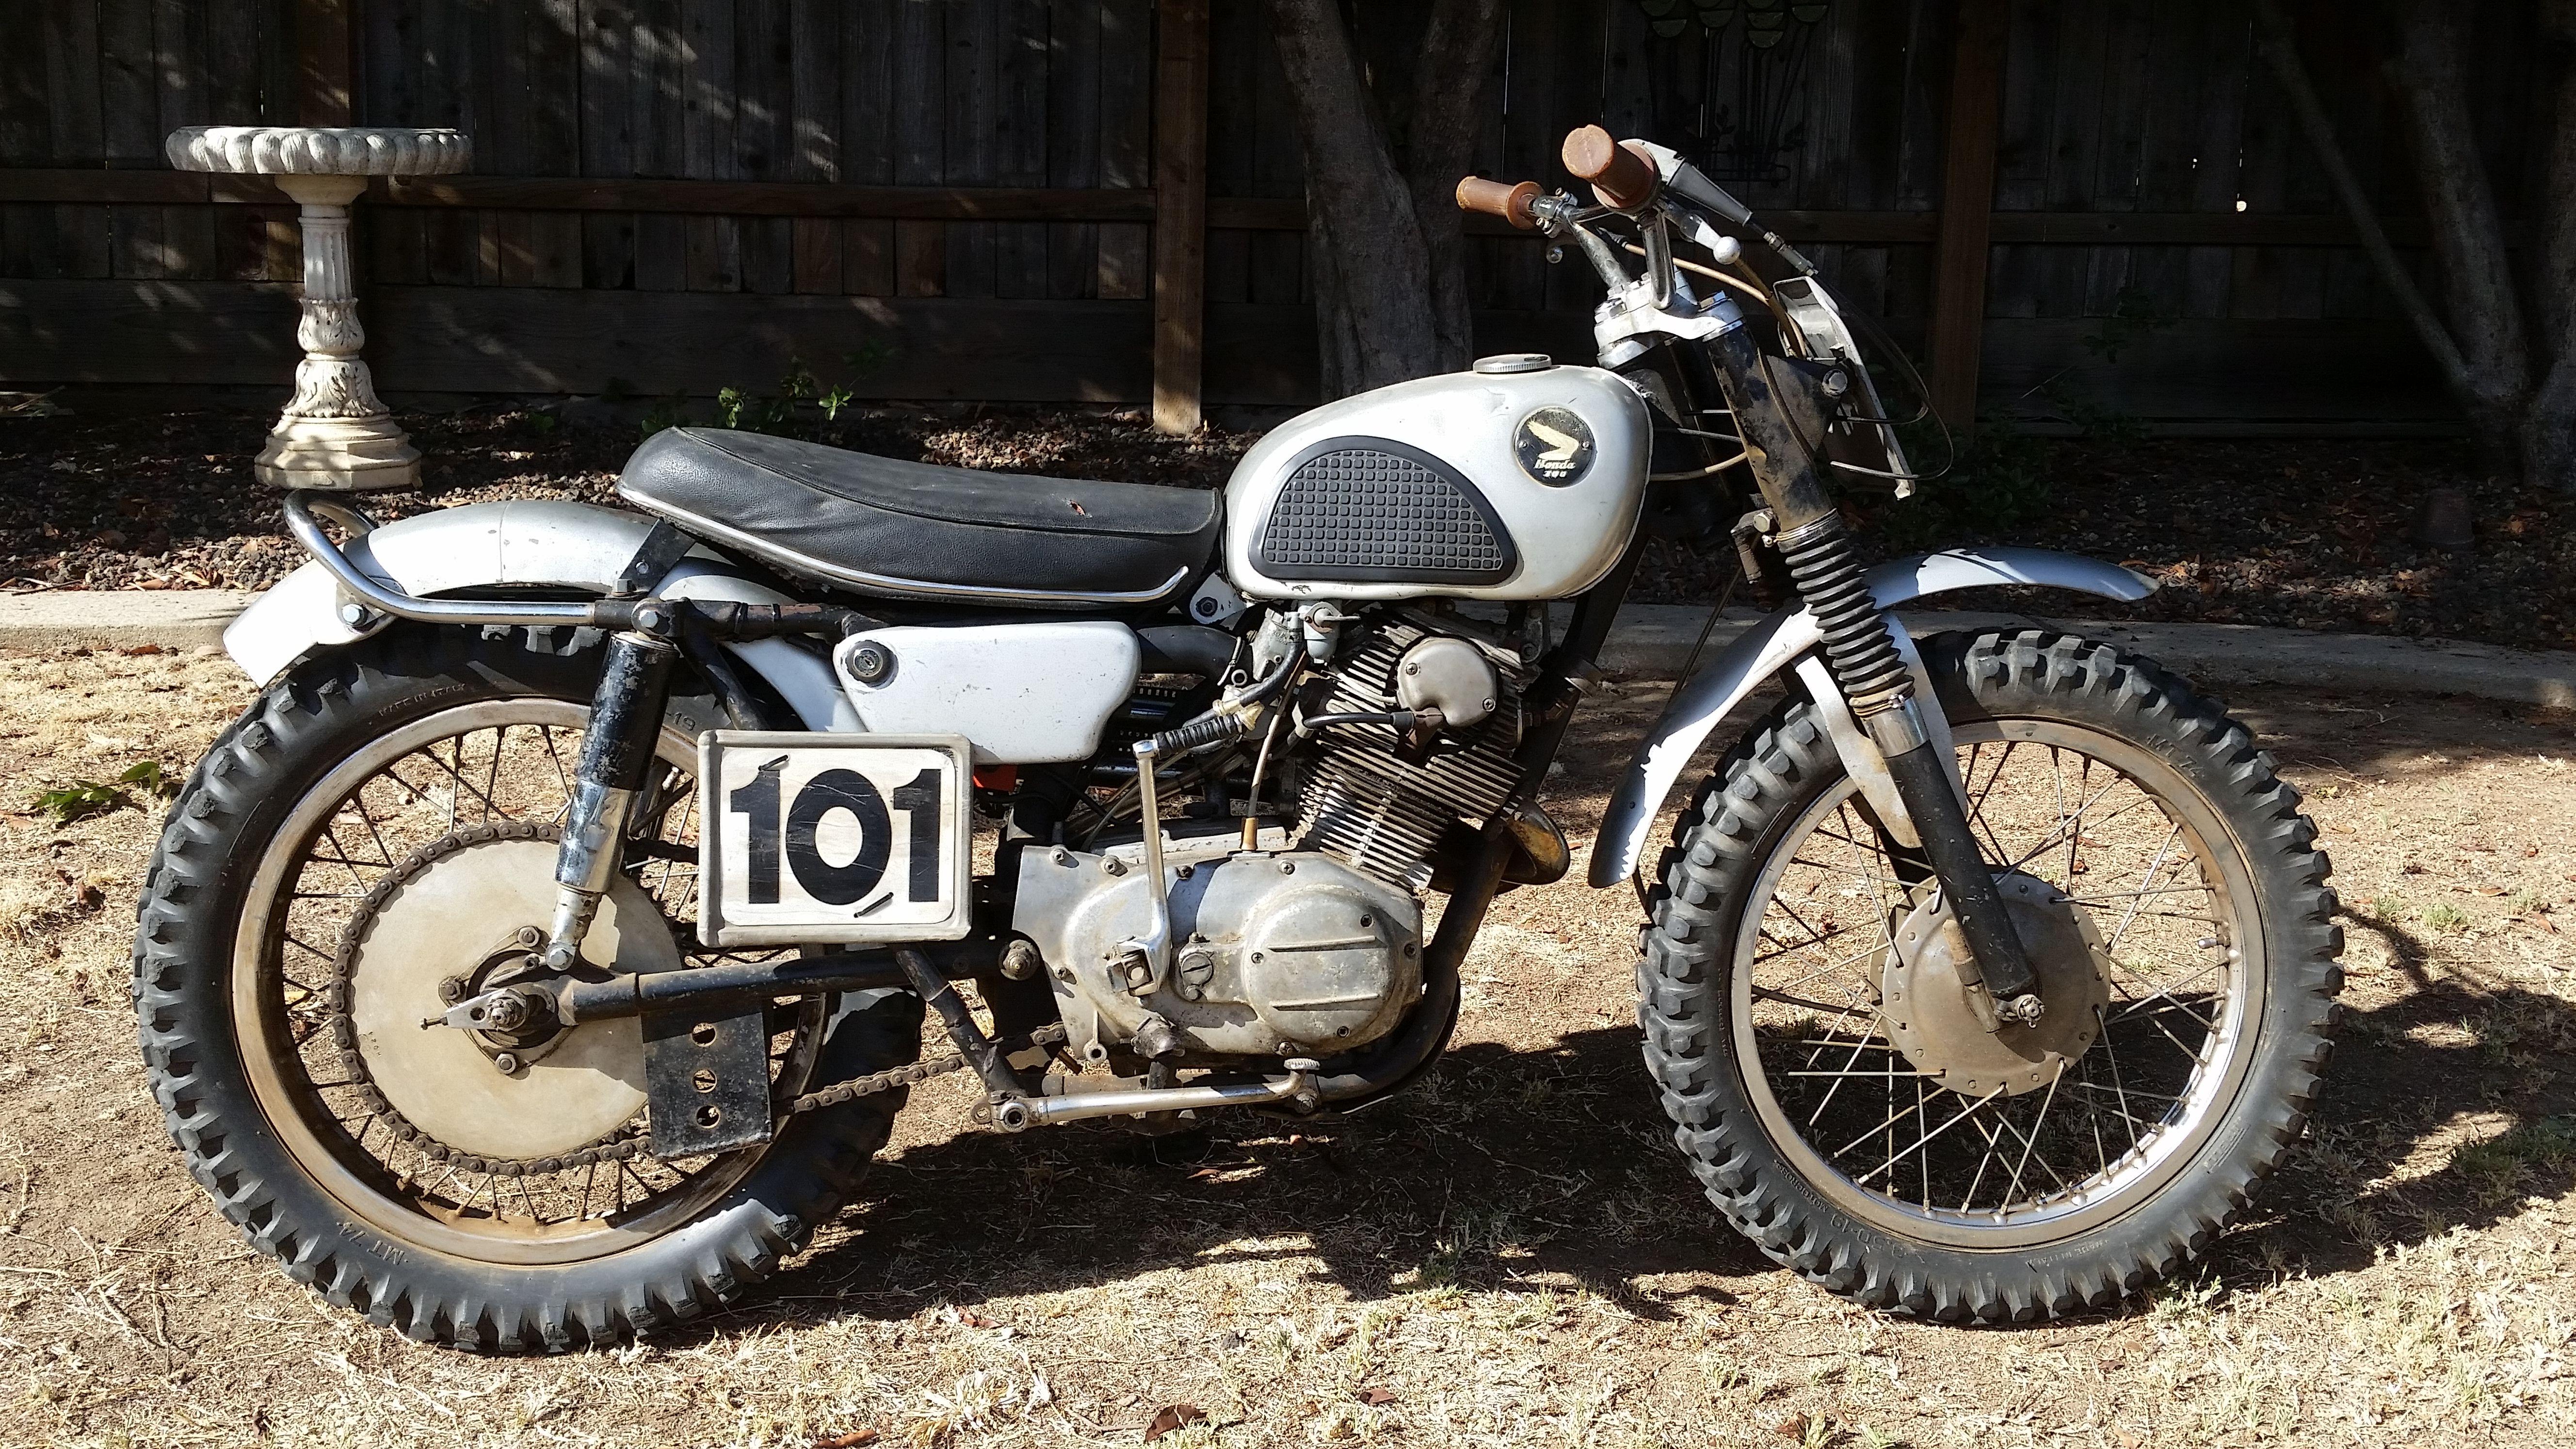 1965 honda 305 cl77 race scrambler [ 5312 x 2988 Pixel ]